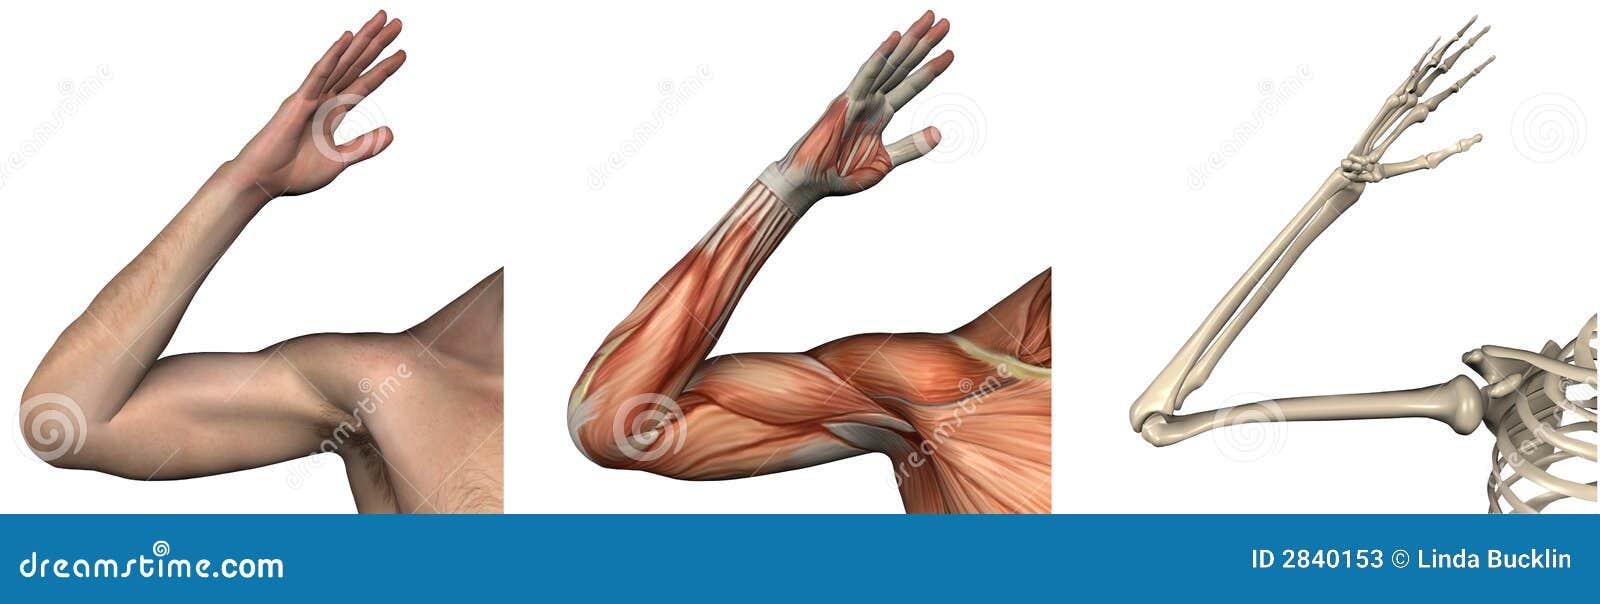 Anatomische Testblätter - Rechter Arm Stock Abbildung - Illustration ...